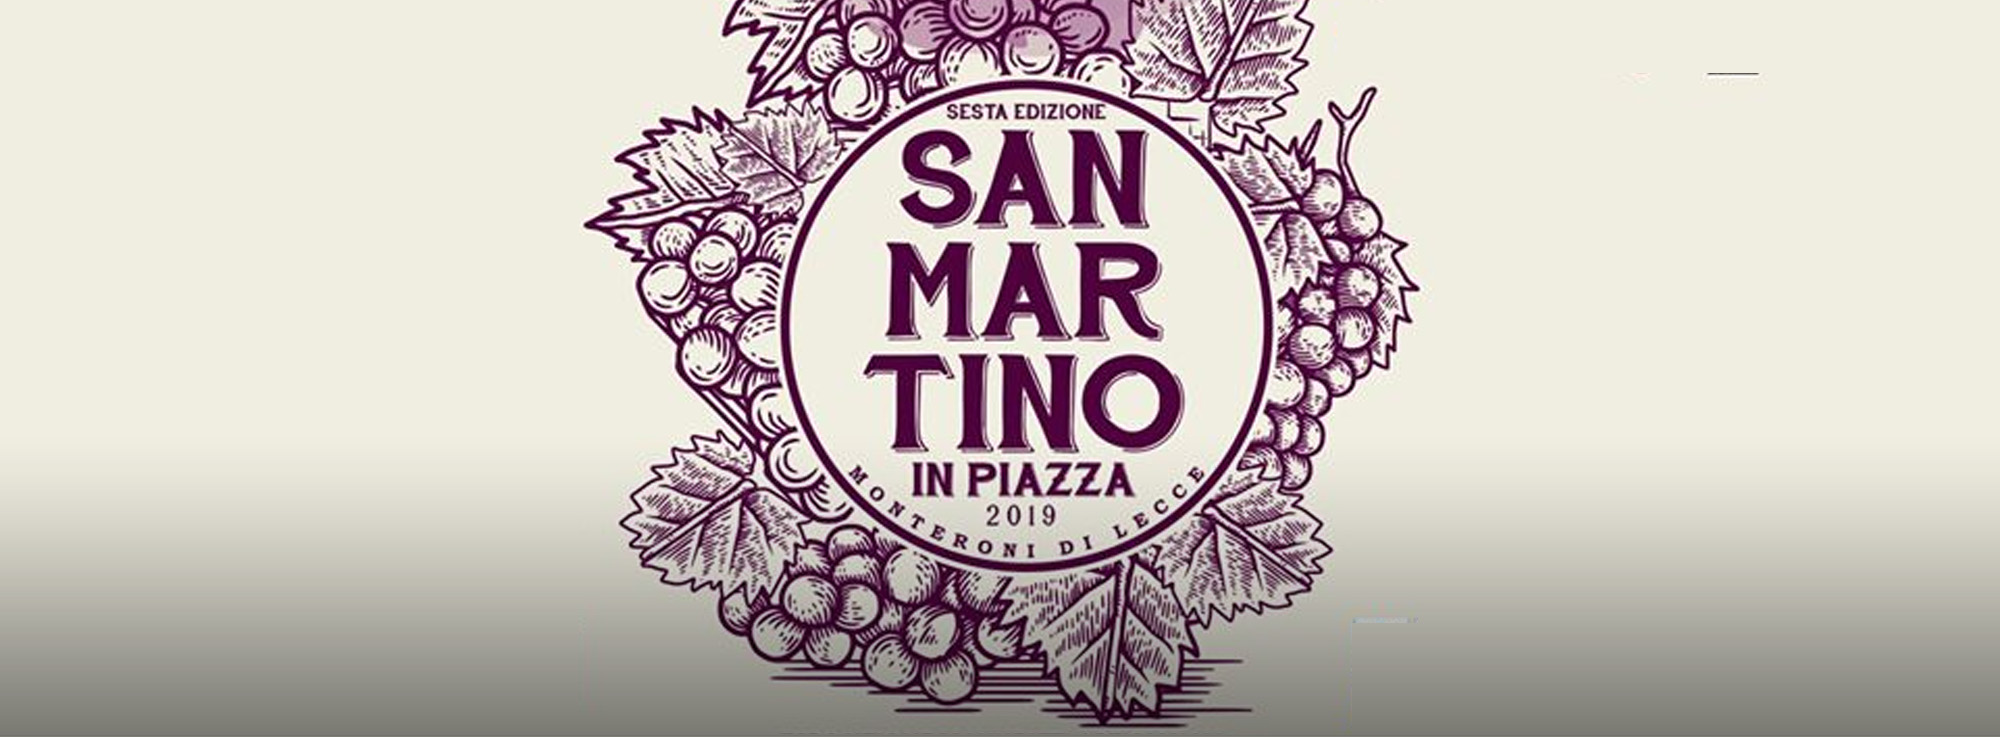 Monteroni di Lecce: San Martino in piazza